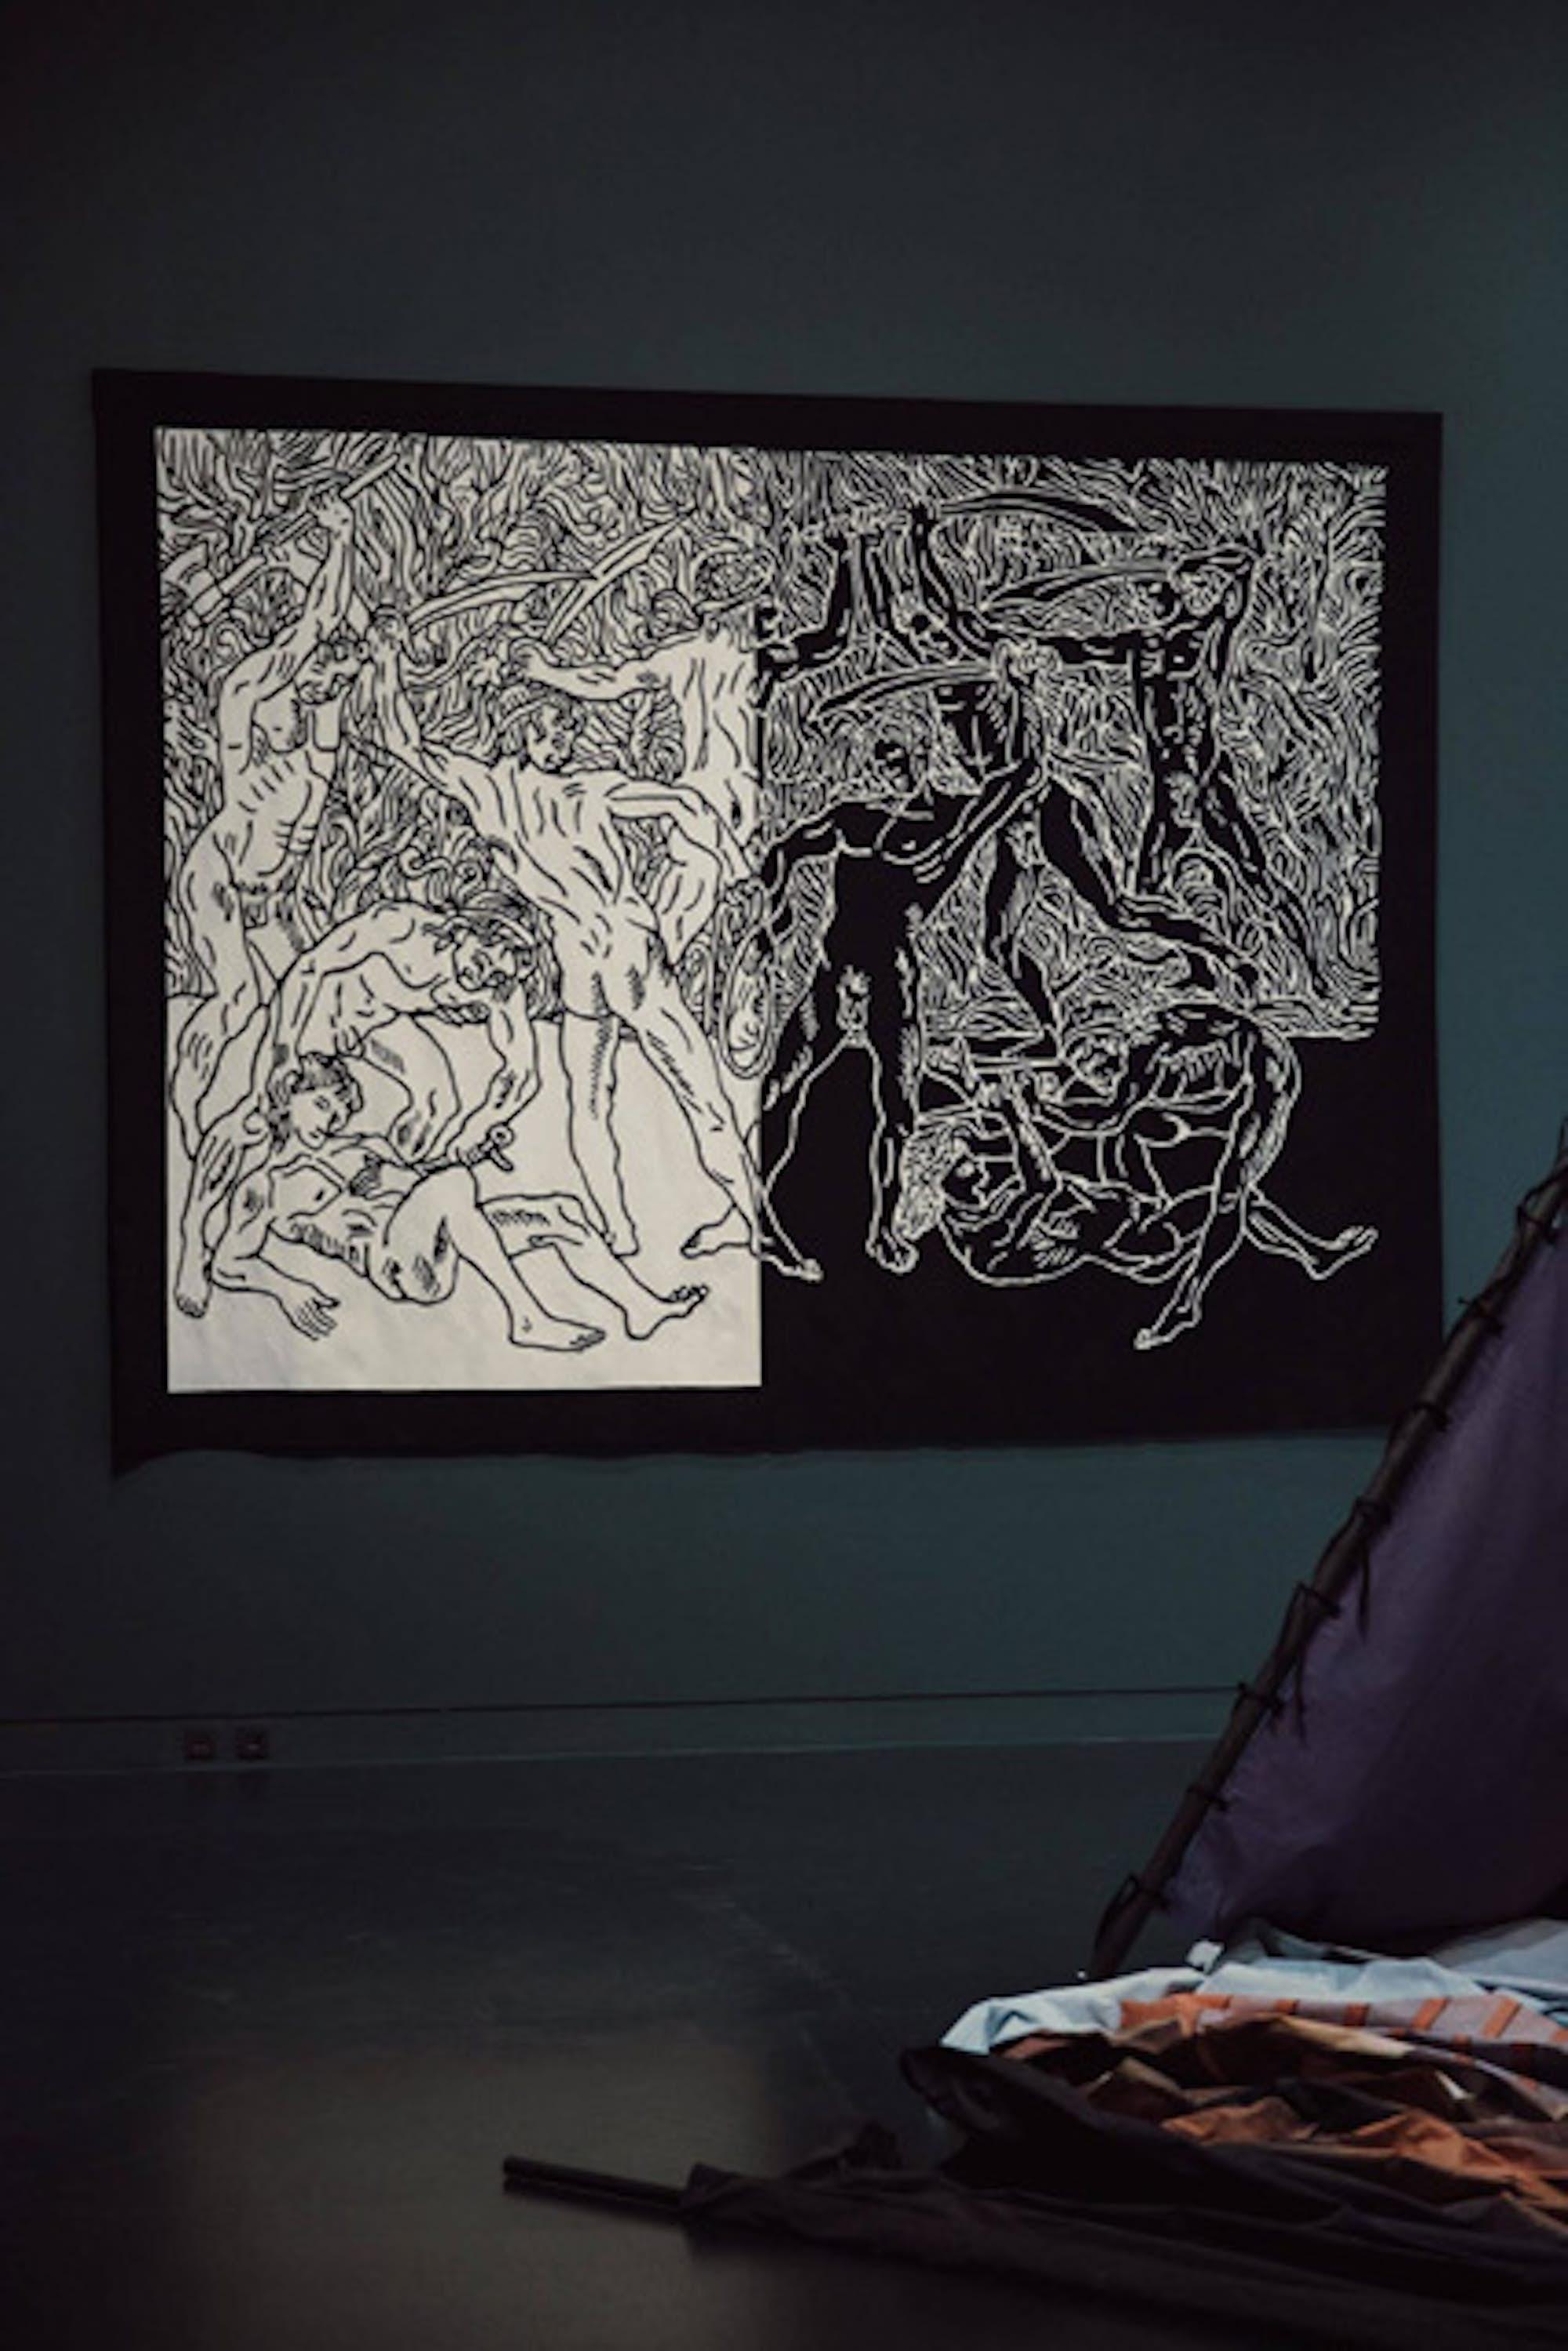 """mounir fatmi, """"Le Dernier Combat"""", 2019. Exposition La Colère de Ludd, BPS22, 2020. Photo : Leslie Artamonow"""